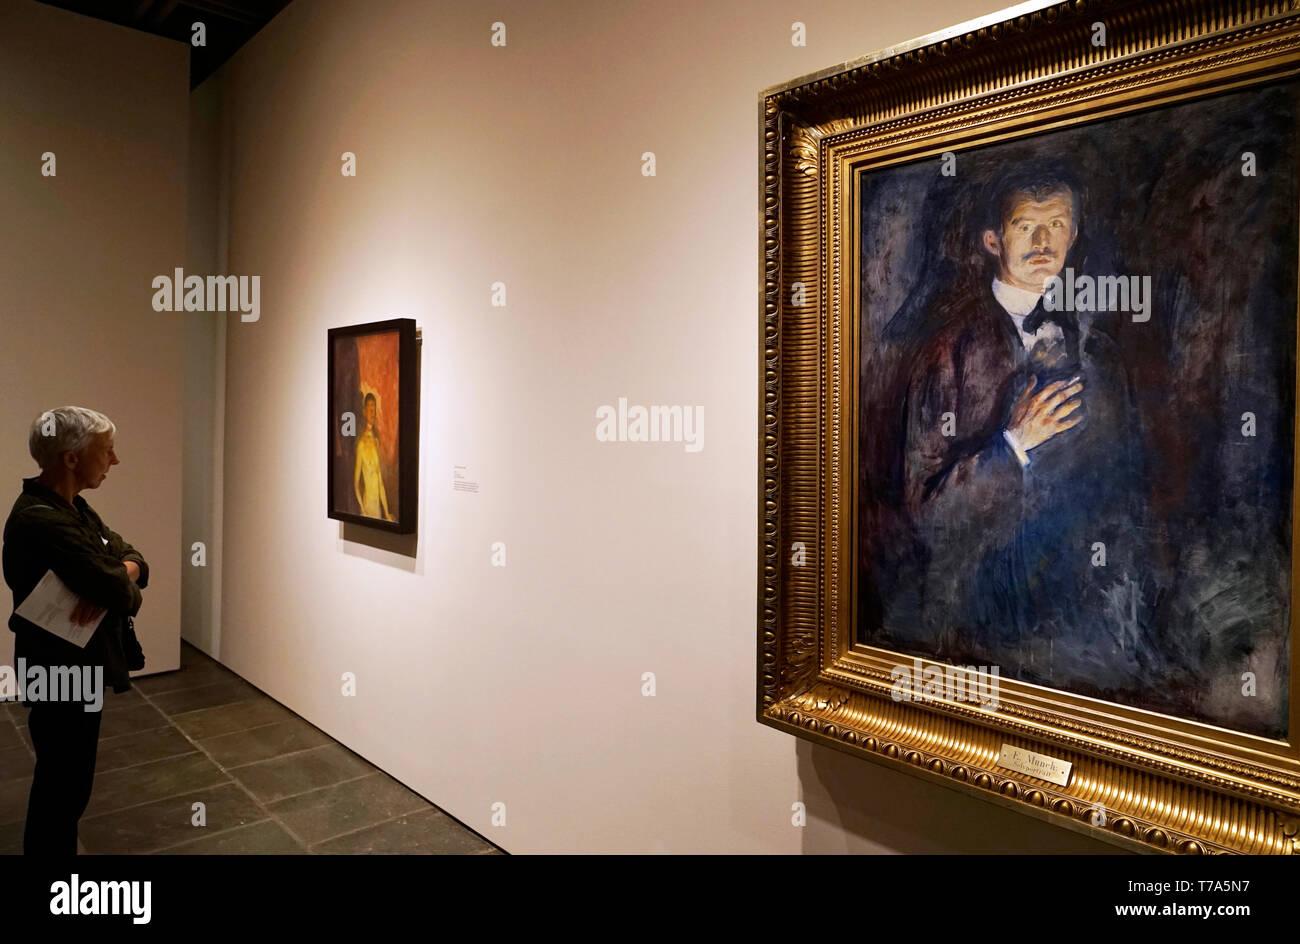 Ein Besucher vor Selbstporträt mit Zigarette (1895) von Edvard Munch in Sammlung von nasjonalmuseet für Kunst, Arkitektur og Design. Oslo, Norwegen Stockbild